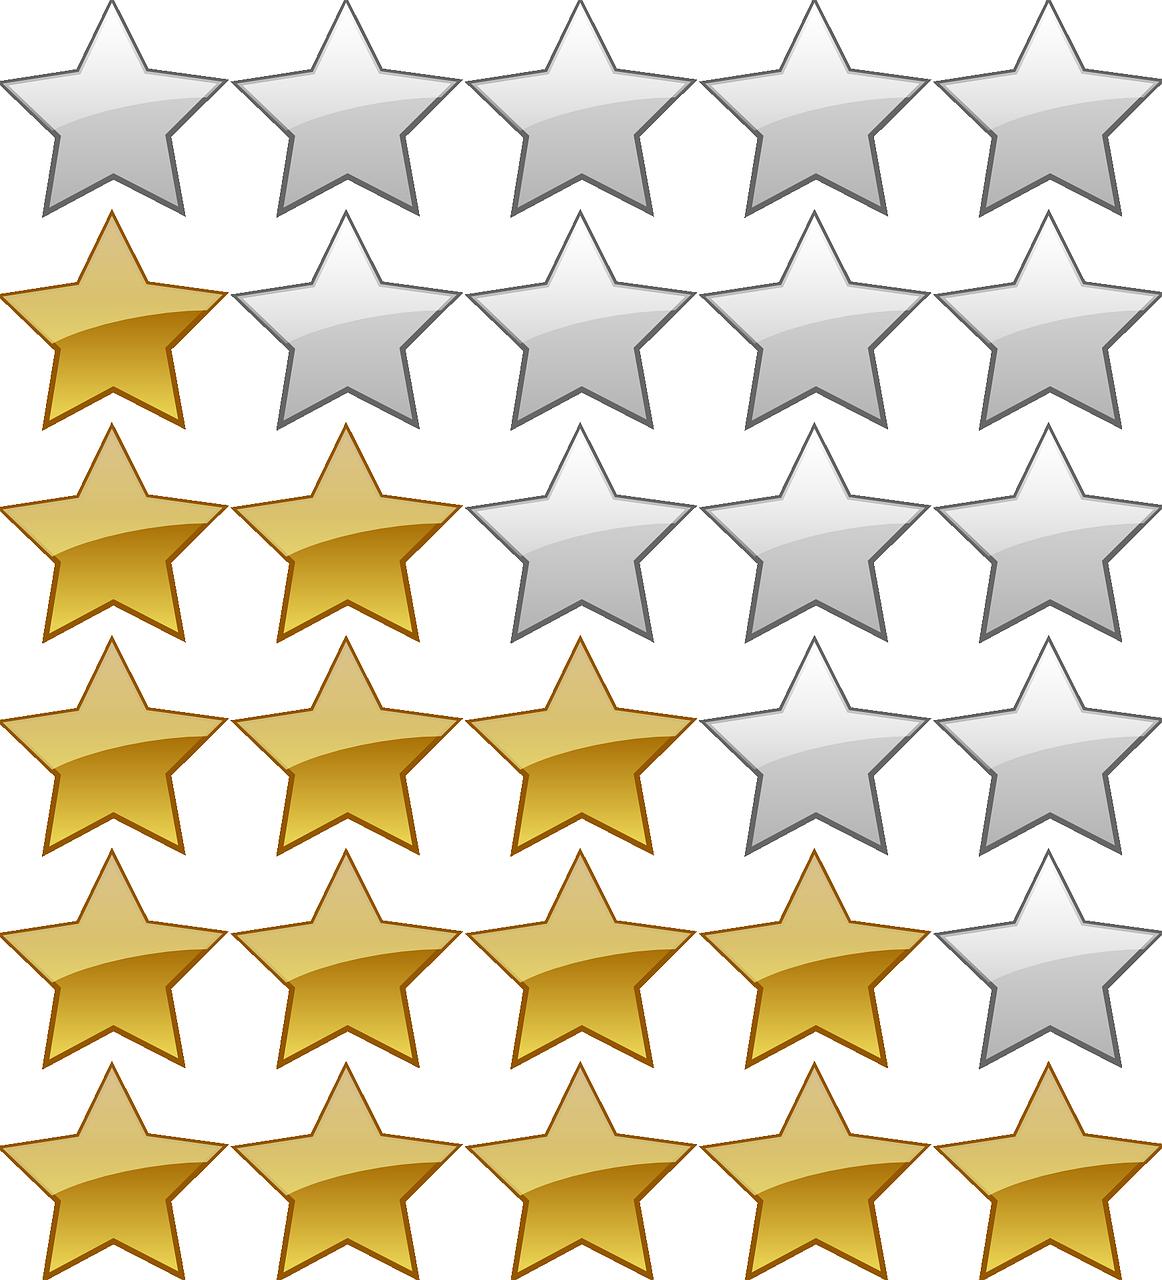 5つ星、レーティング、スター